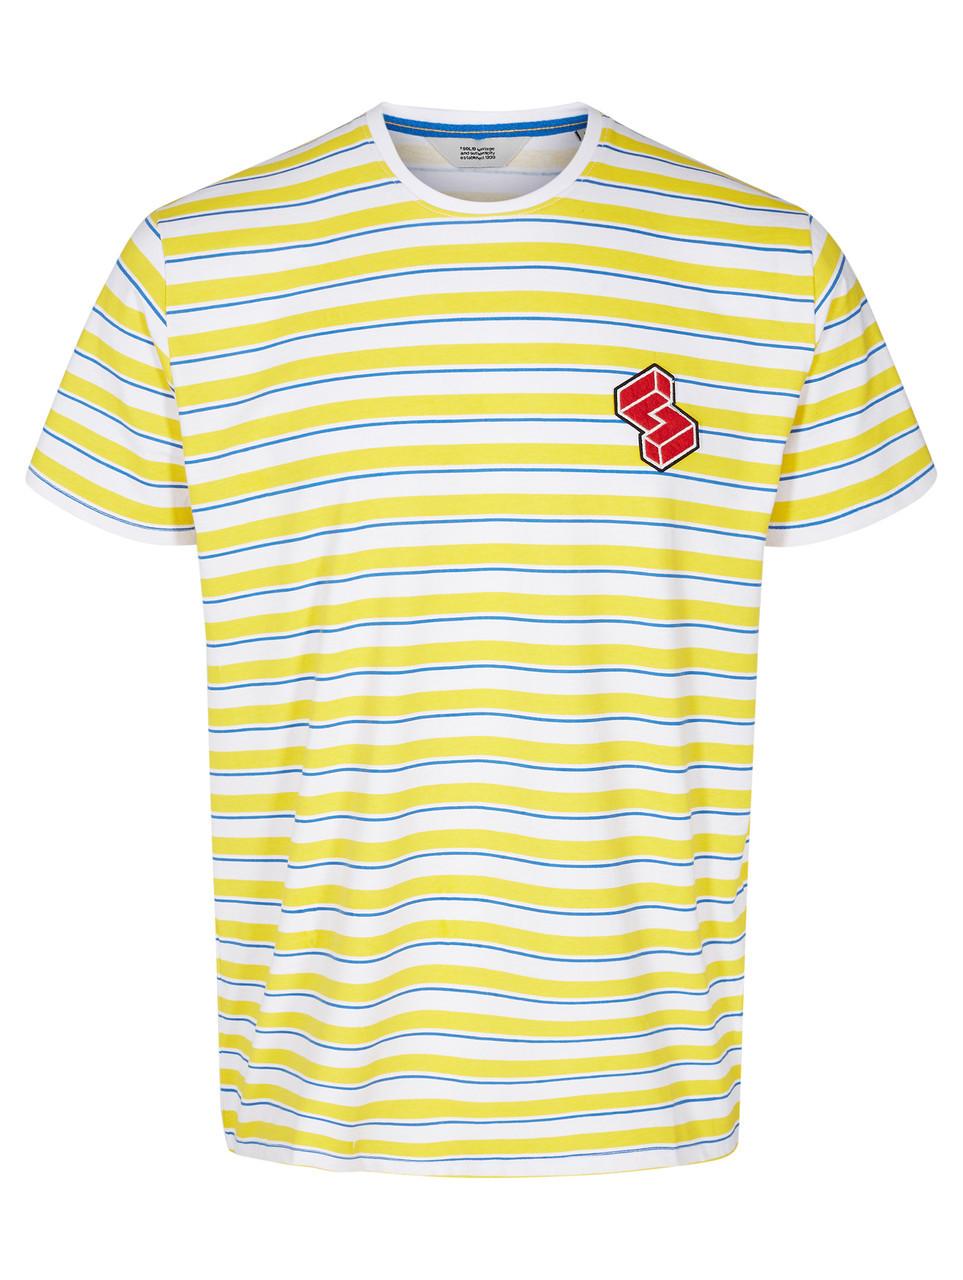 Чоловіча футболка жовтого кольору Berger від Solid Данія в розмірі L